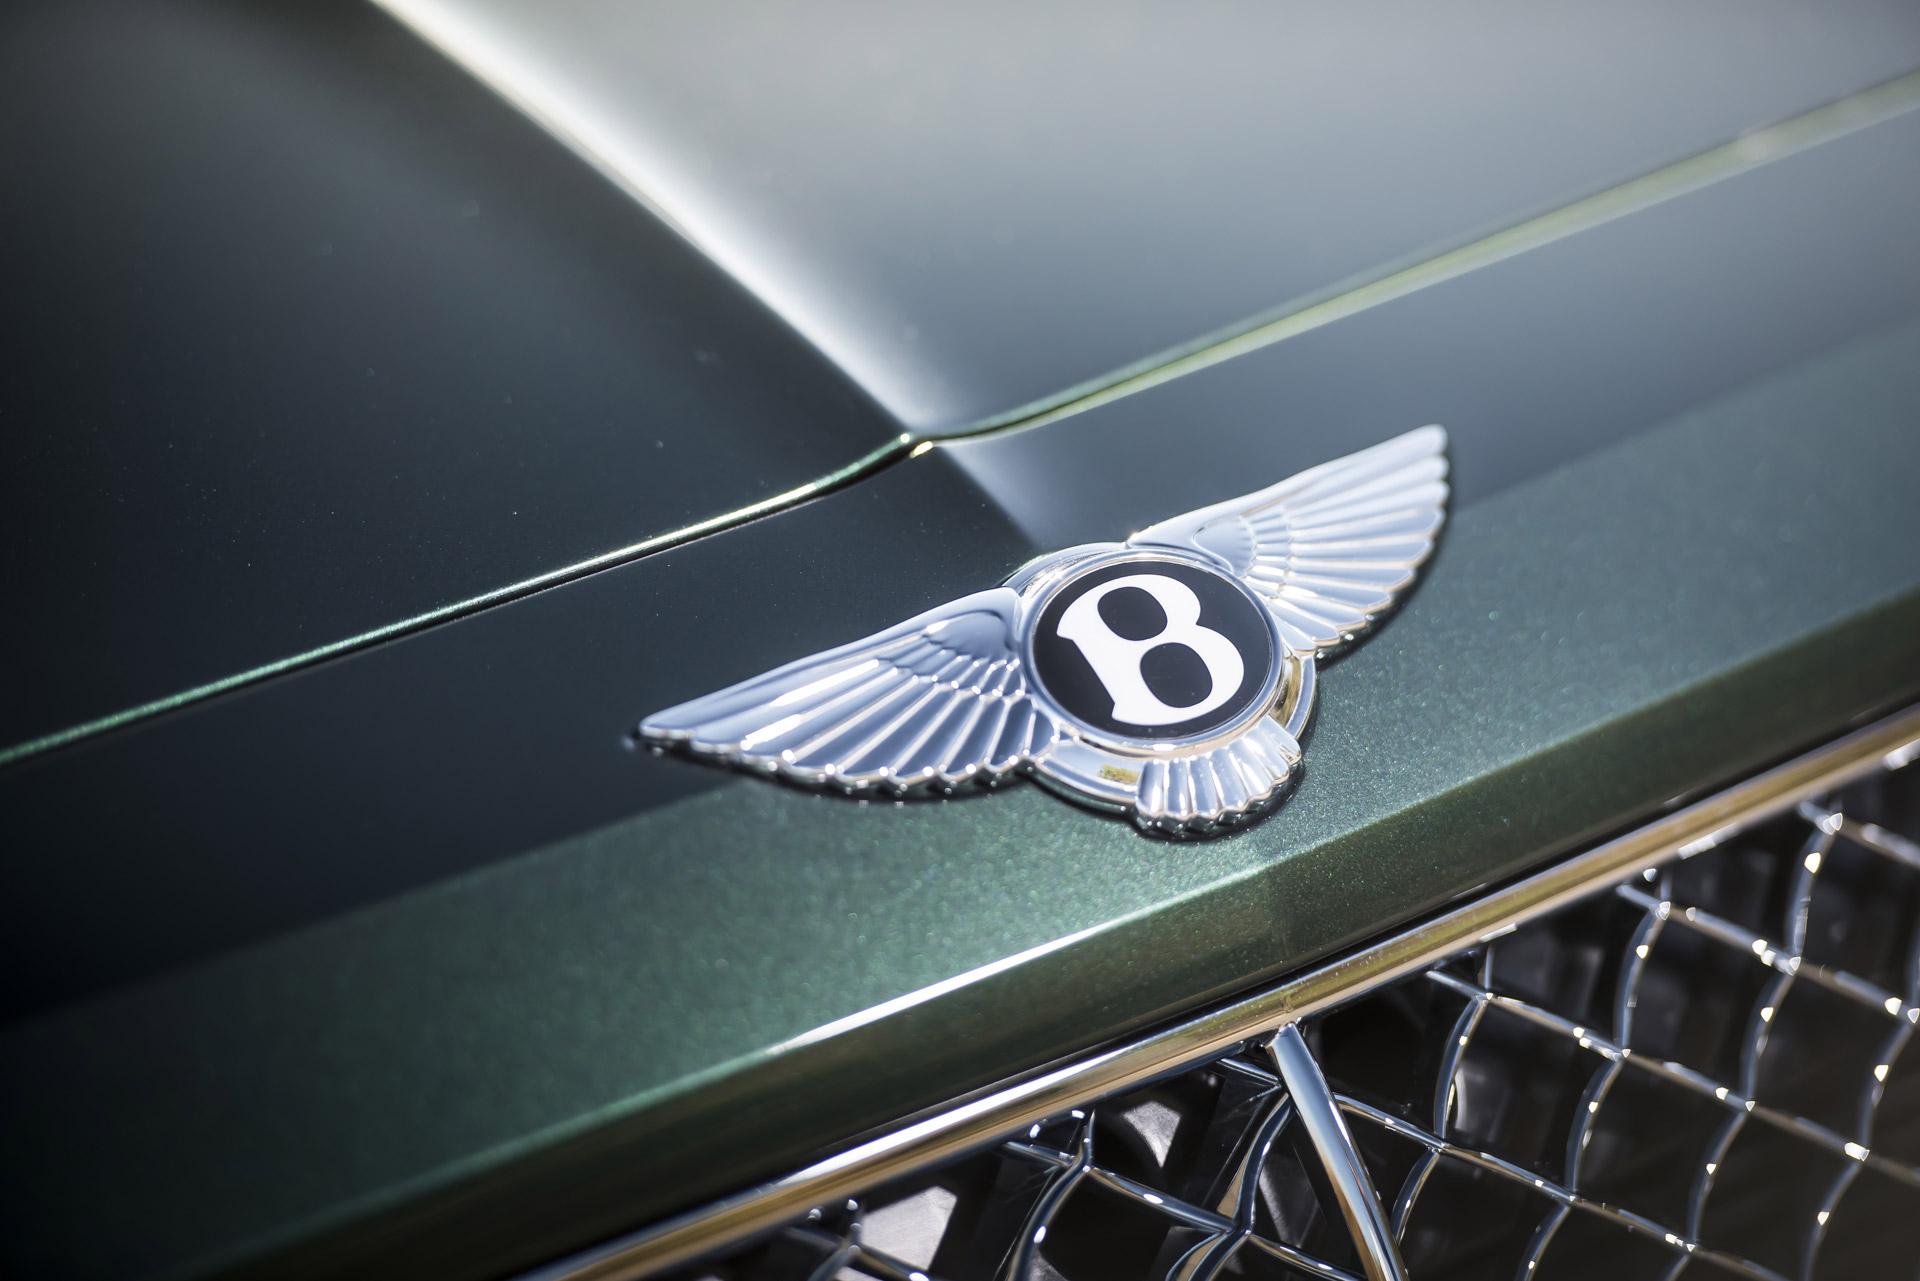 Bentley Electric Car Cadillac Elr Axed California S Today News